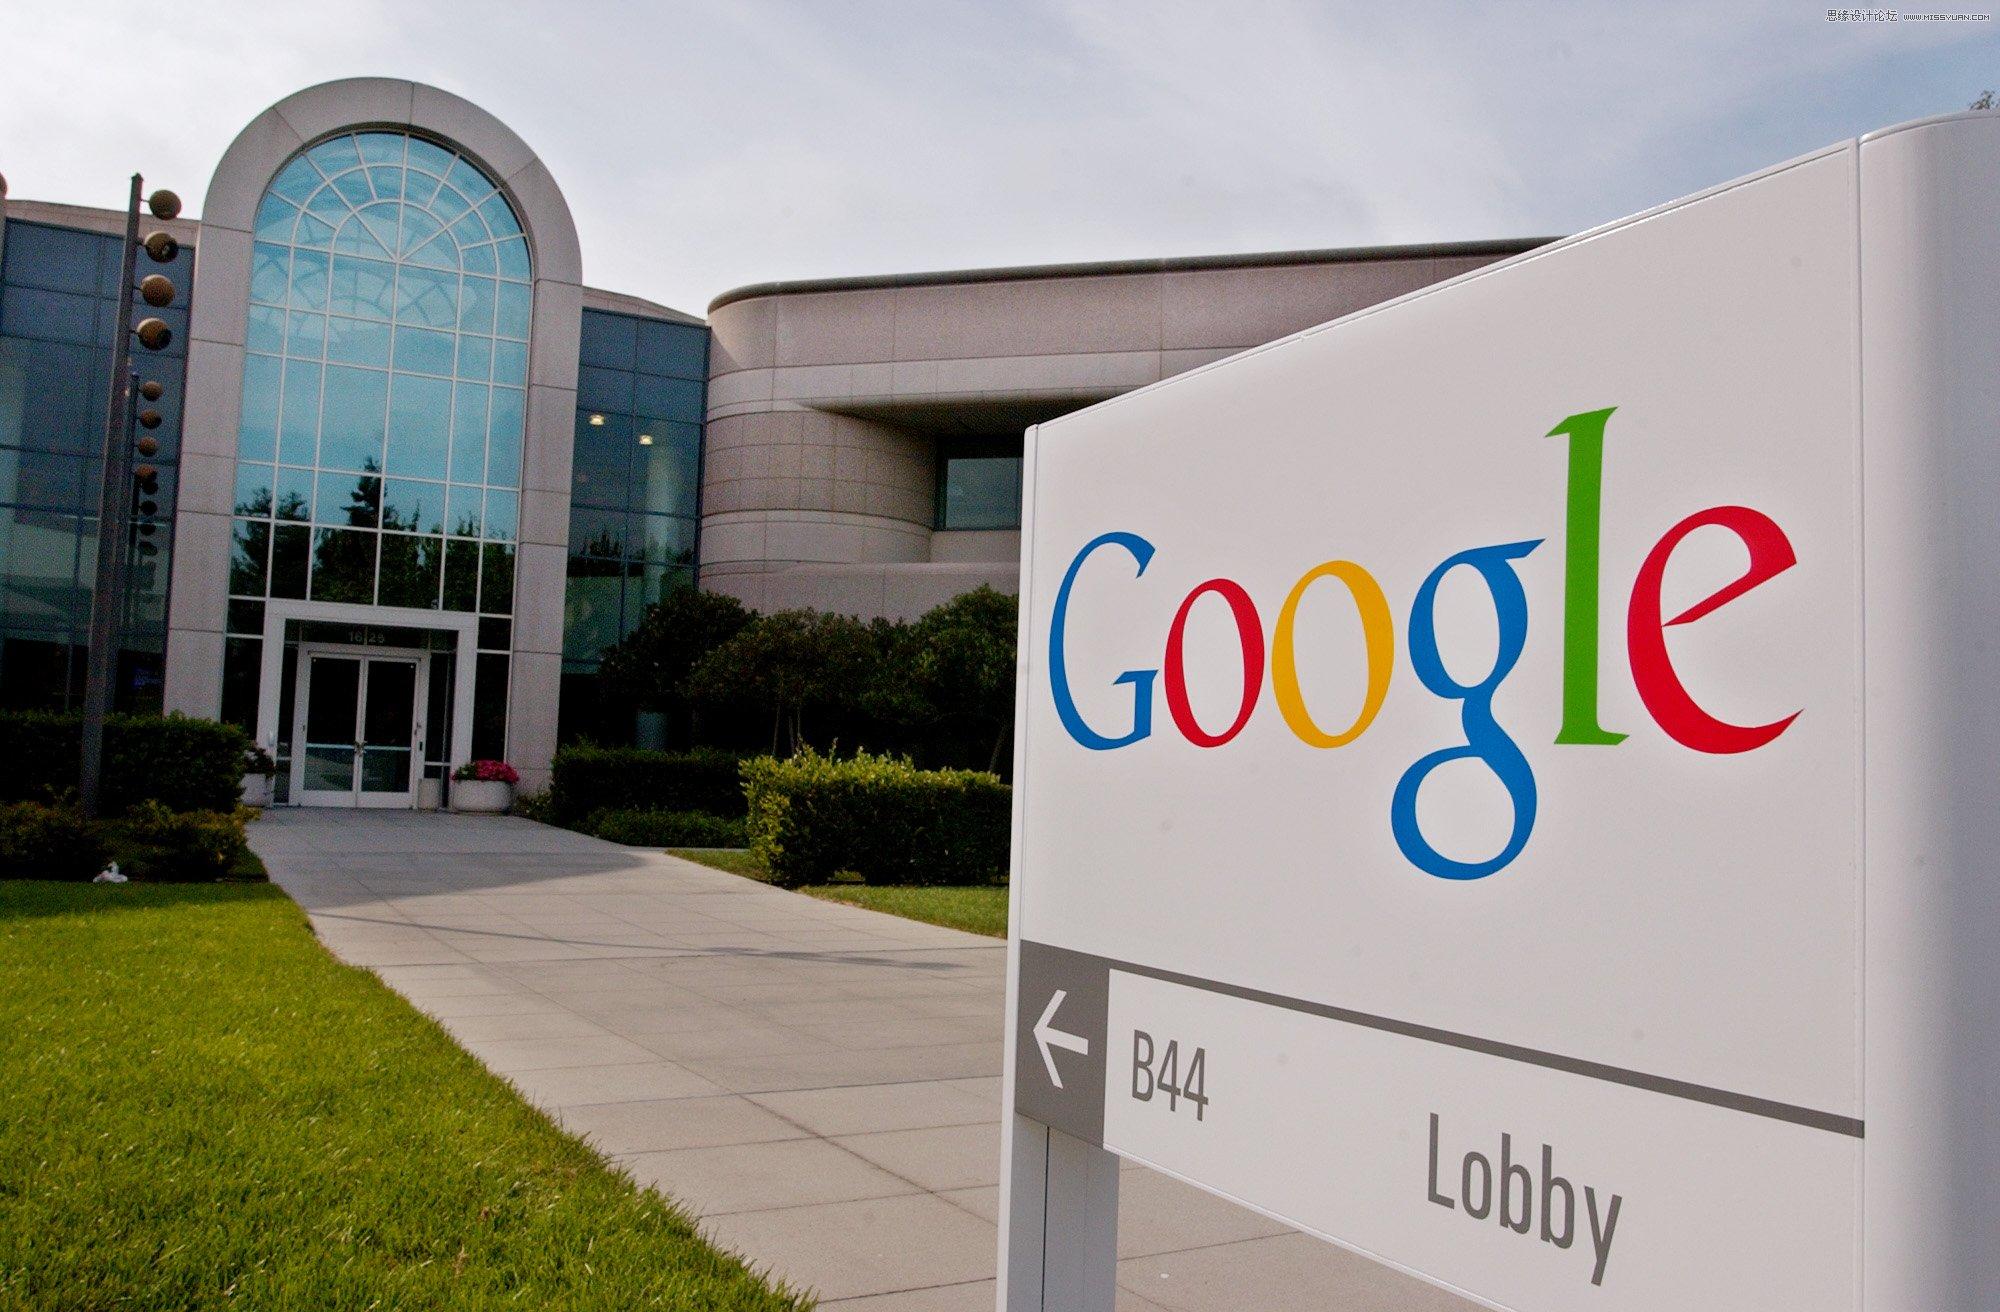 The Mythology of Google